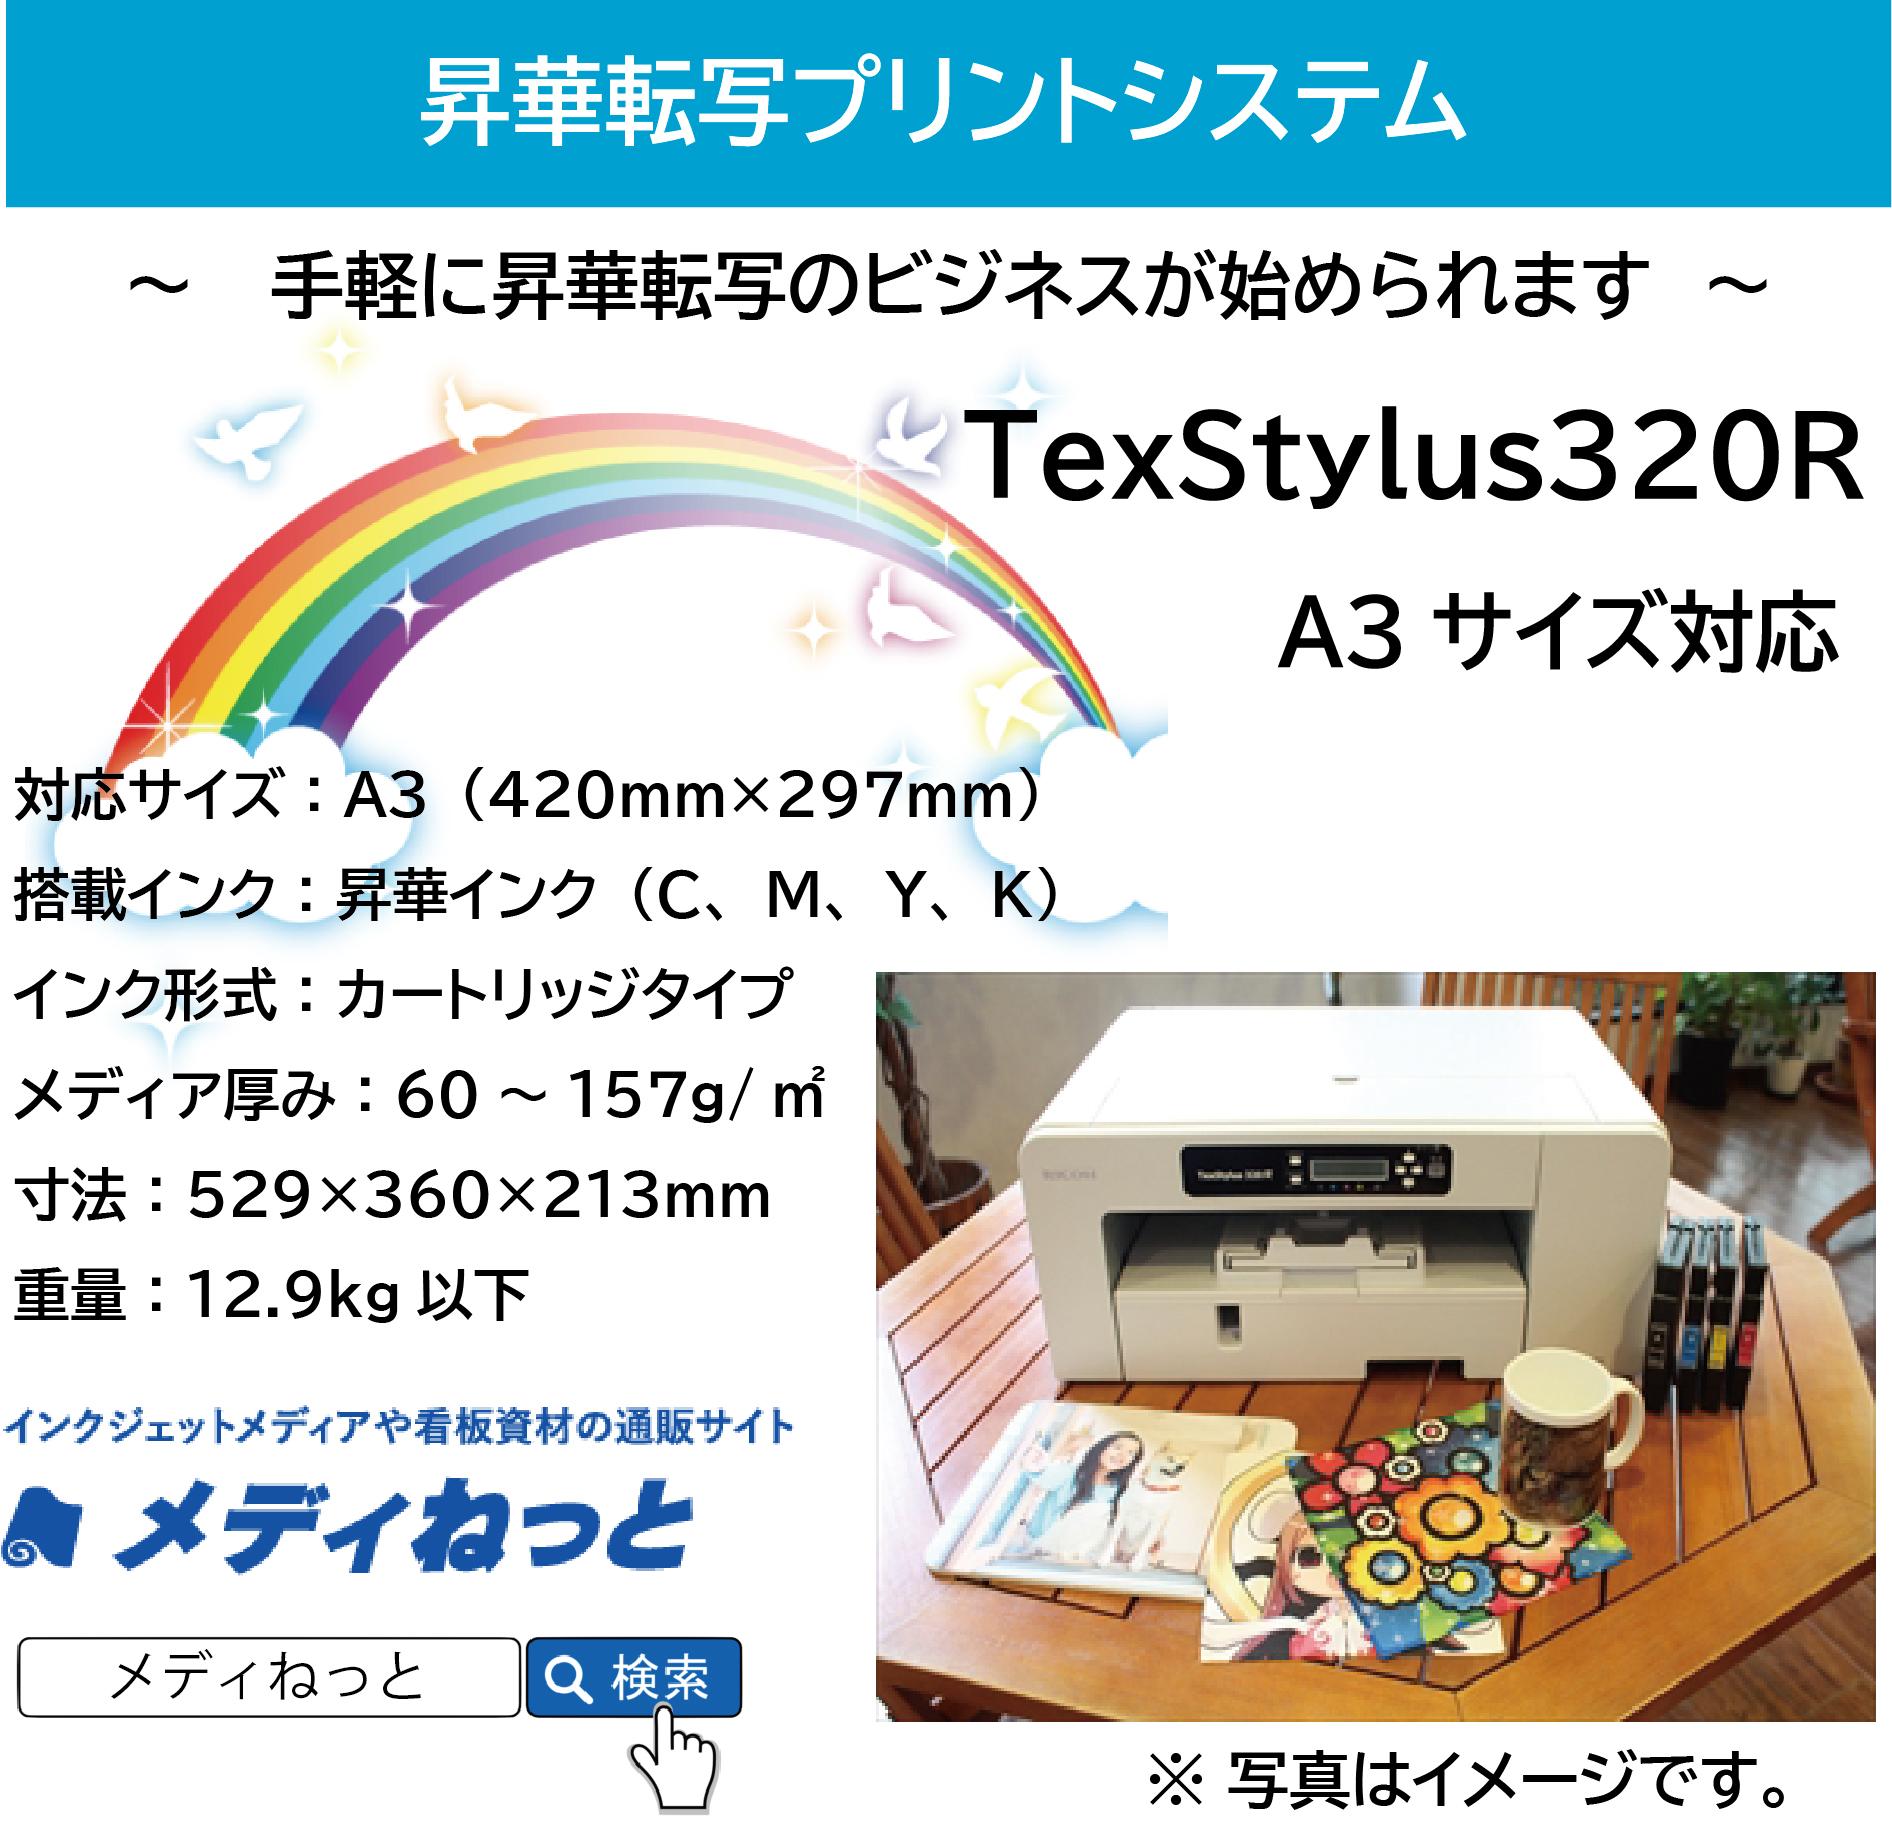 【昇華転写プリンター】TexStylus320R A3サイズ対応(RIPソフト付き / プレス機別売り)